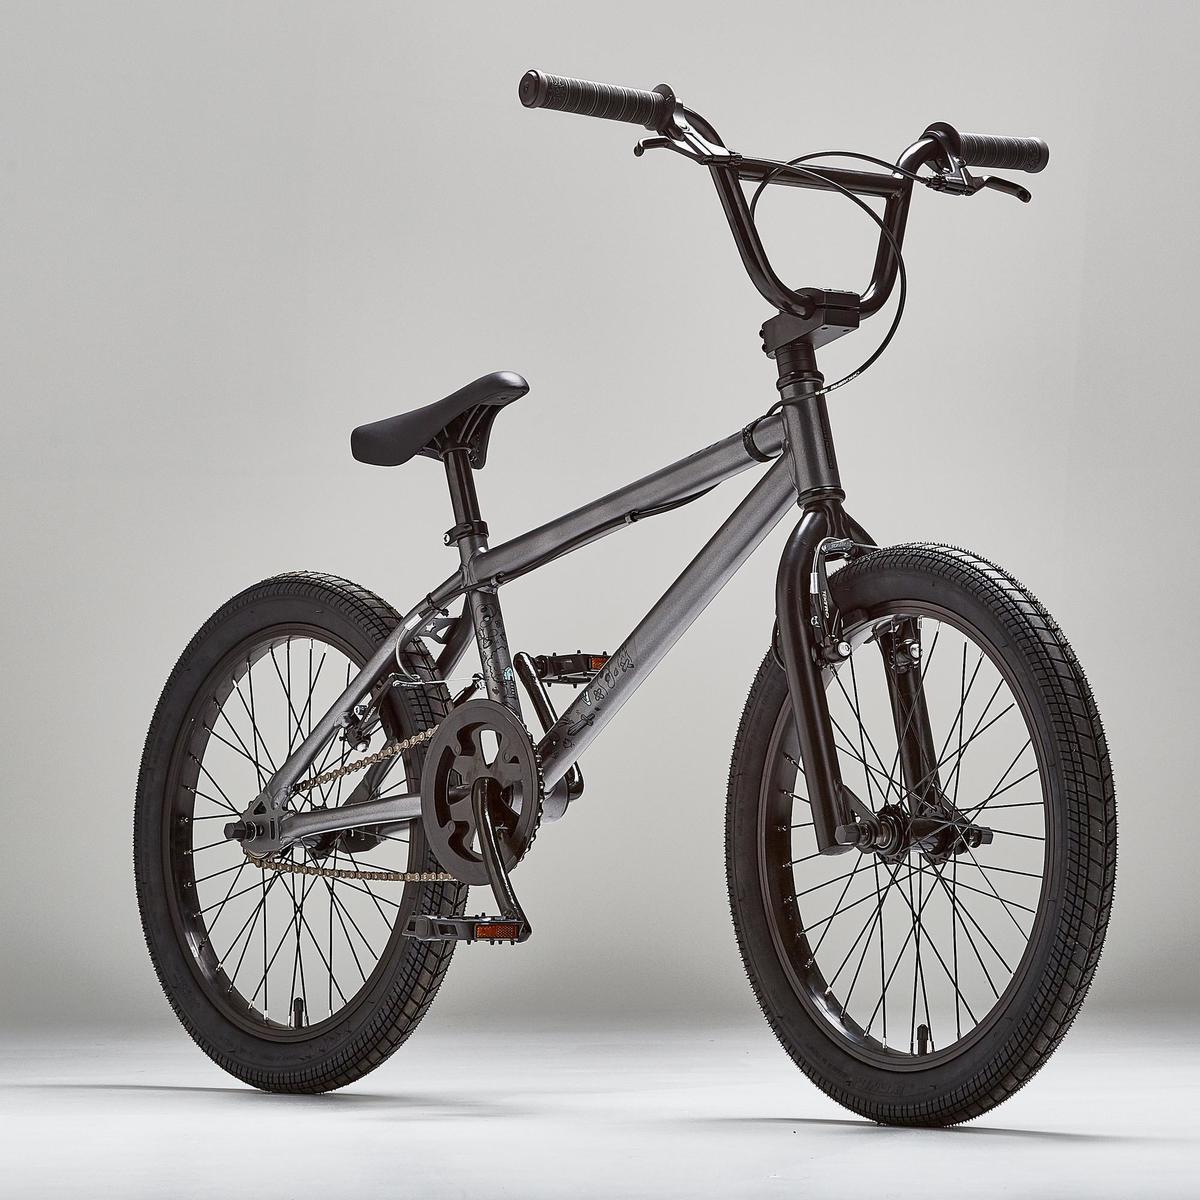 Bild 4 von BMX-Rad 100 Wipe